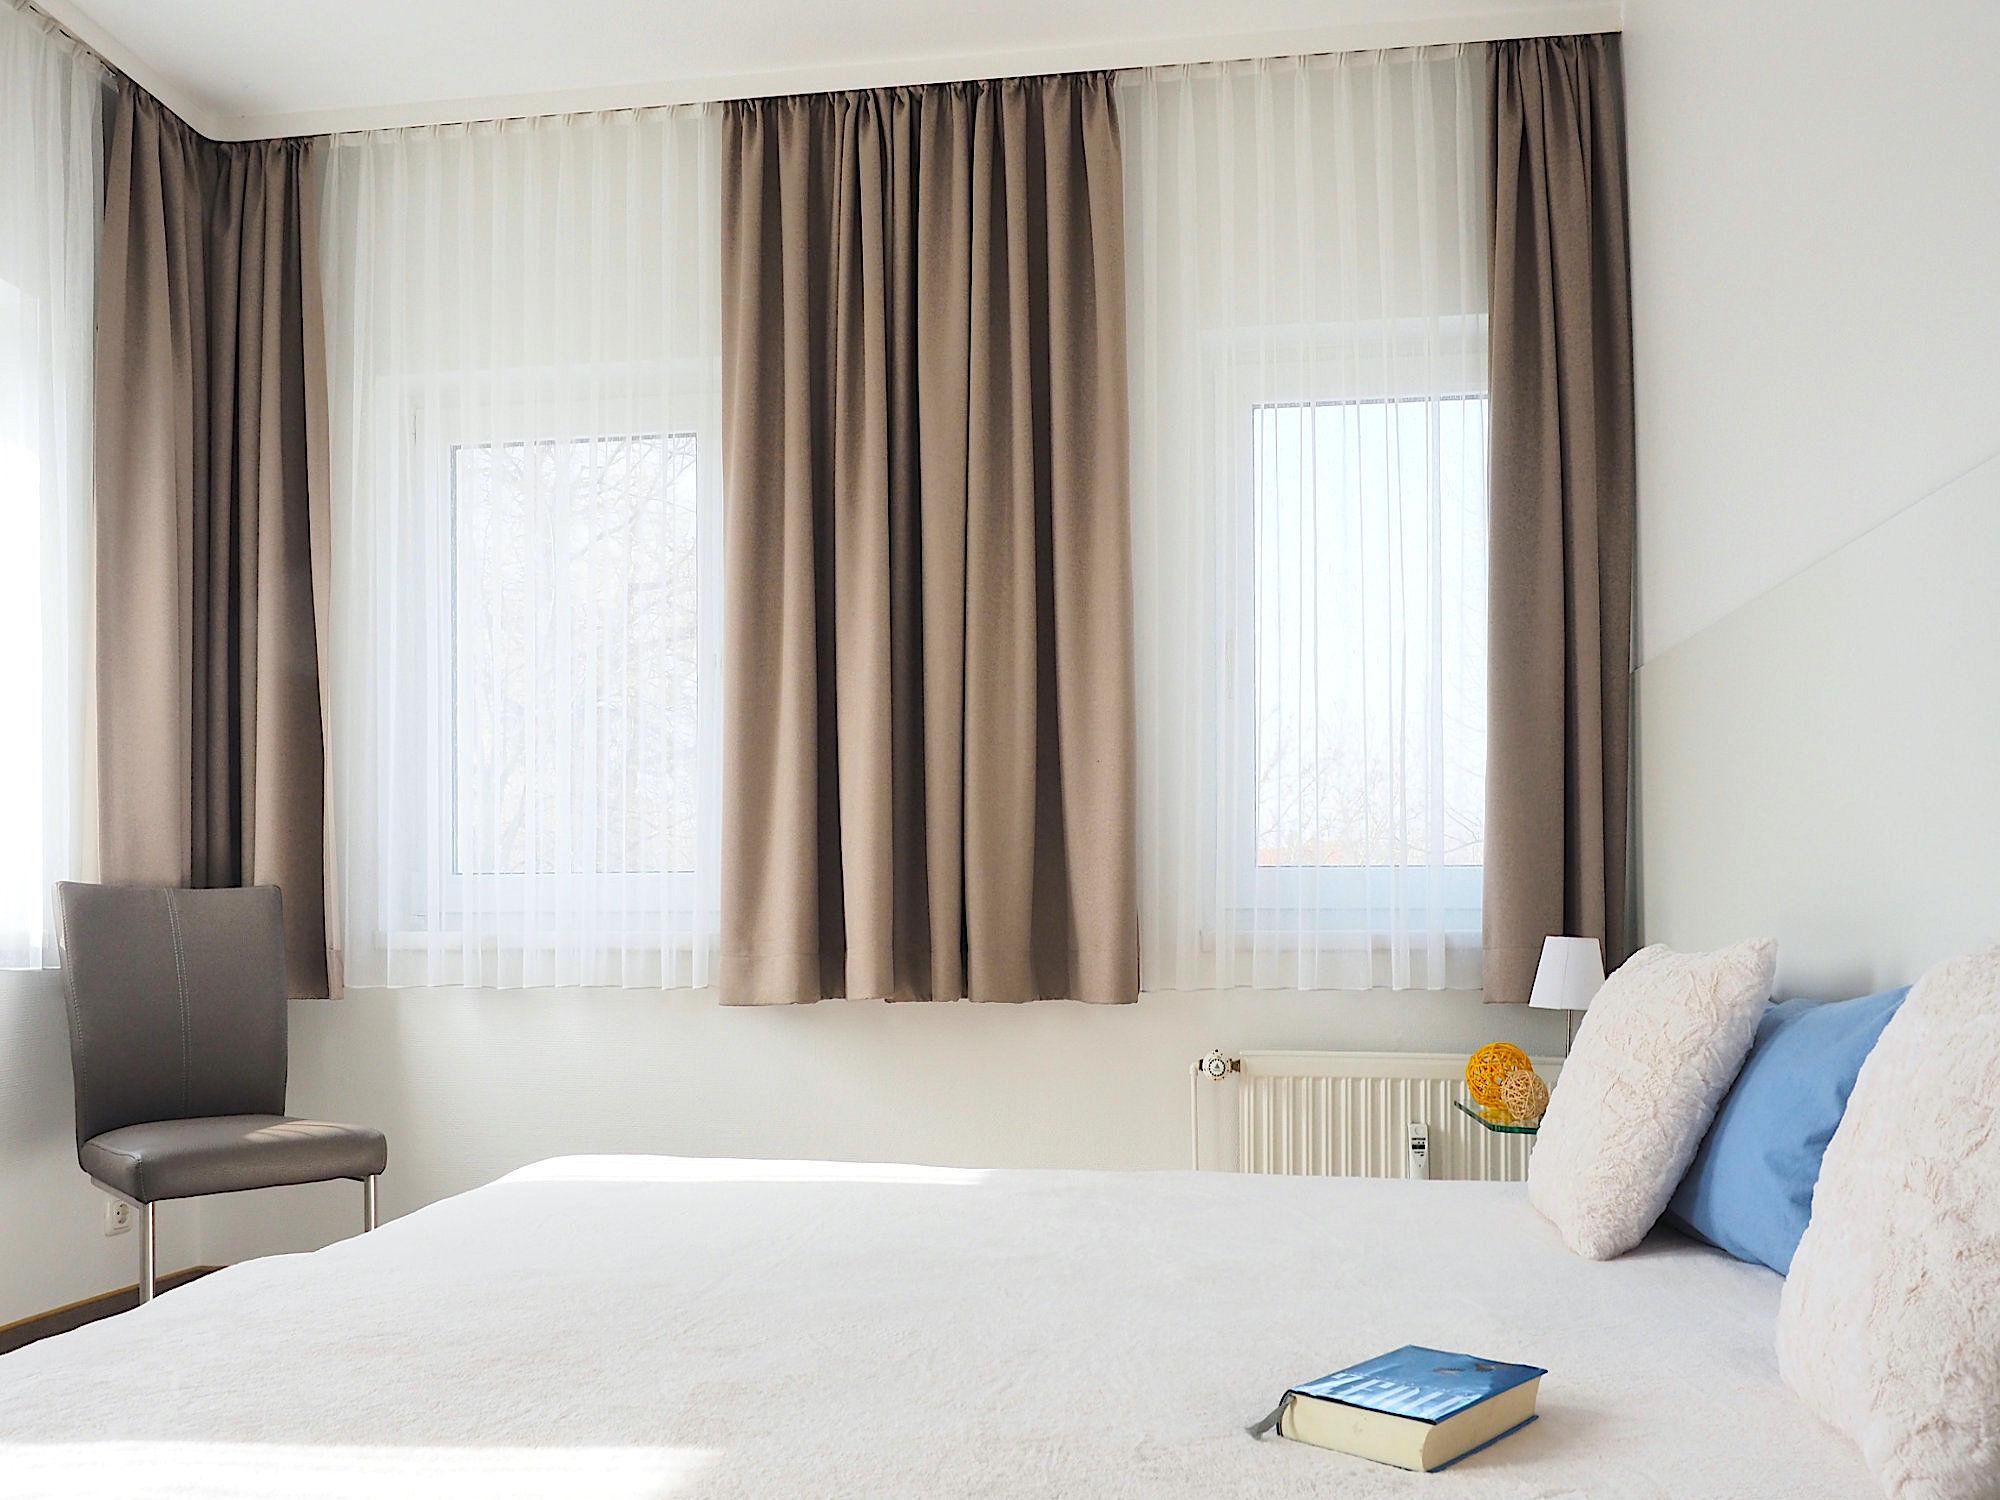 Zweites Schlafzimmer mit Doppelbett, dahinter zwei Fenster mit Vorhängen